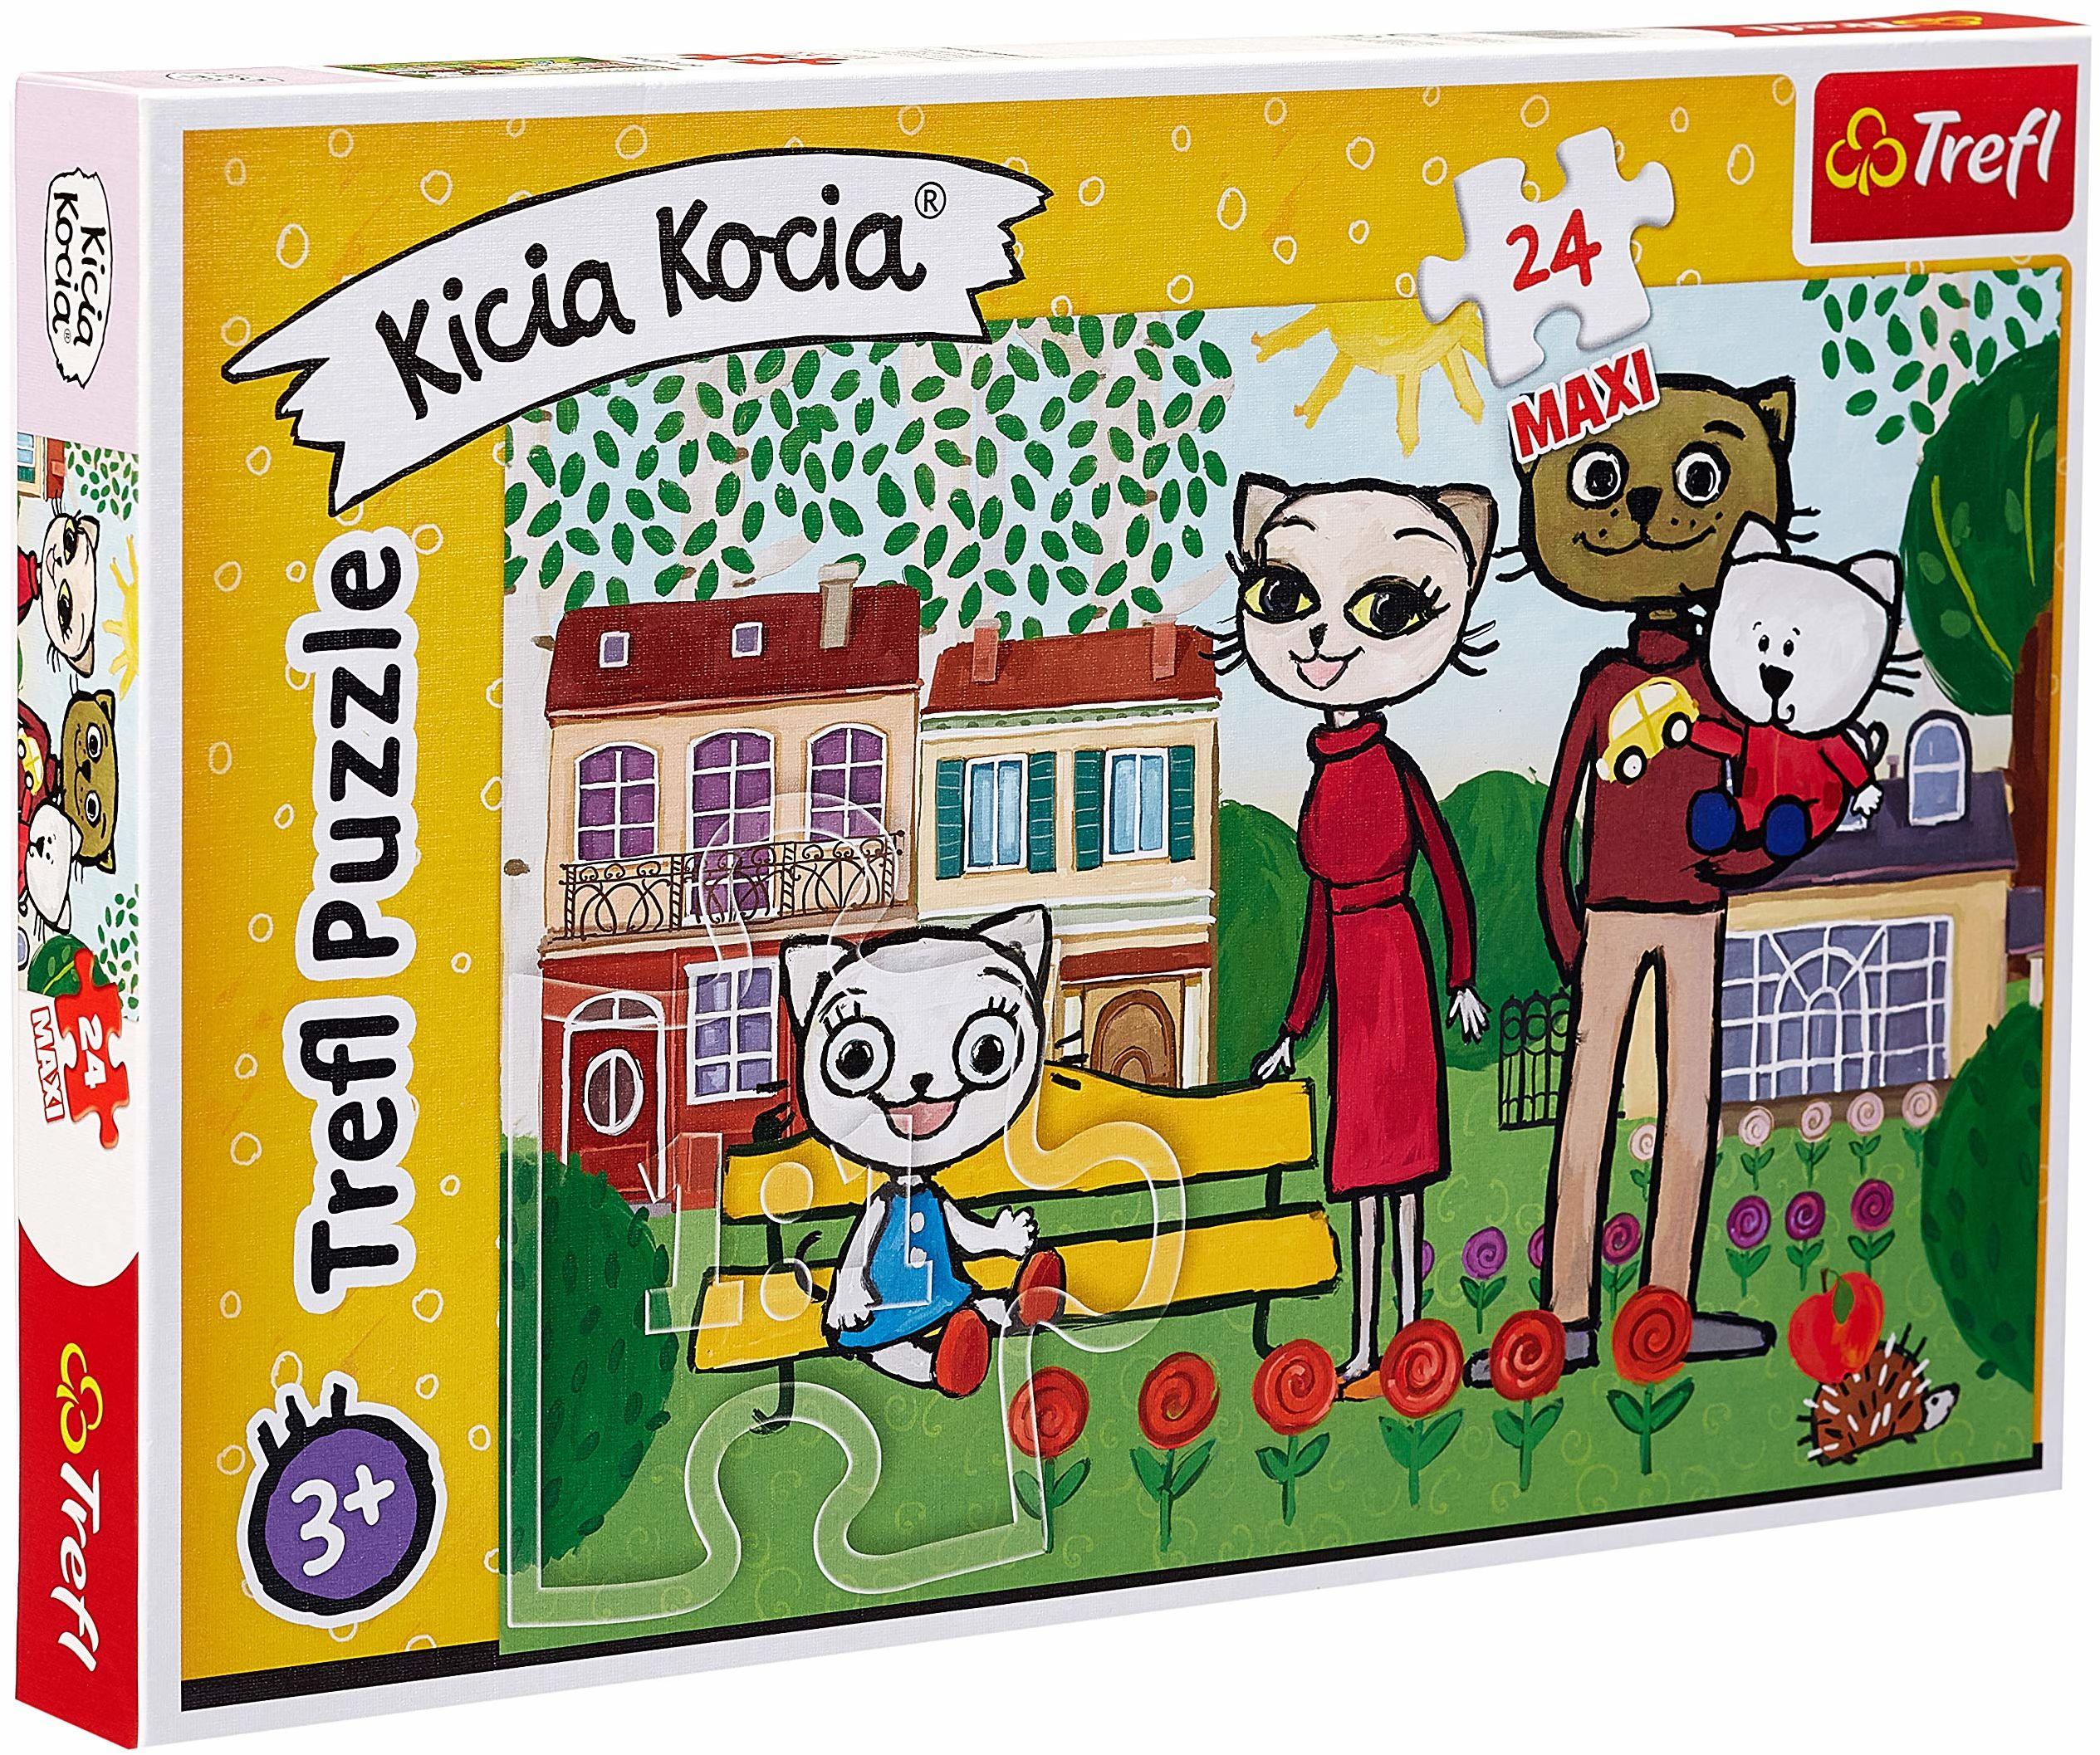 Trefl Zabawy Kici Koci Puzzle 24 Maxi Disney o Wysokiej Jakości Nadruku dla Dzieci od 3 lat